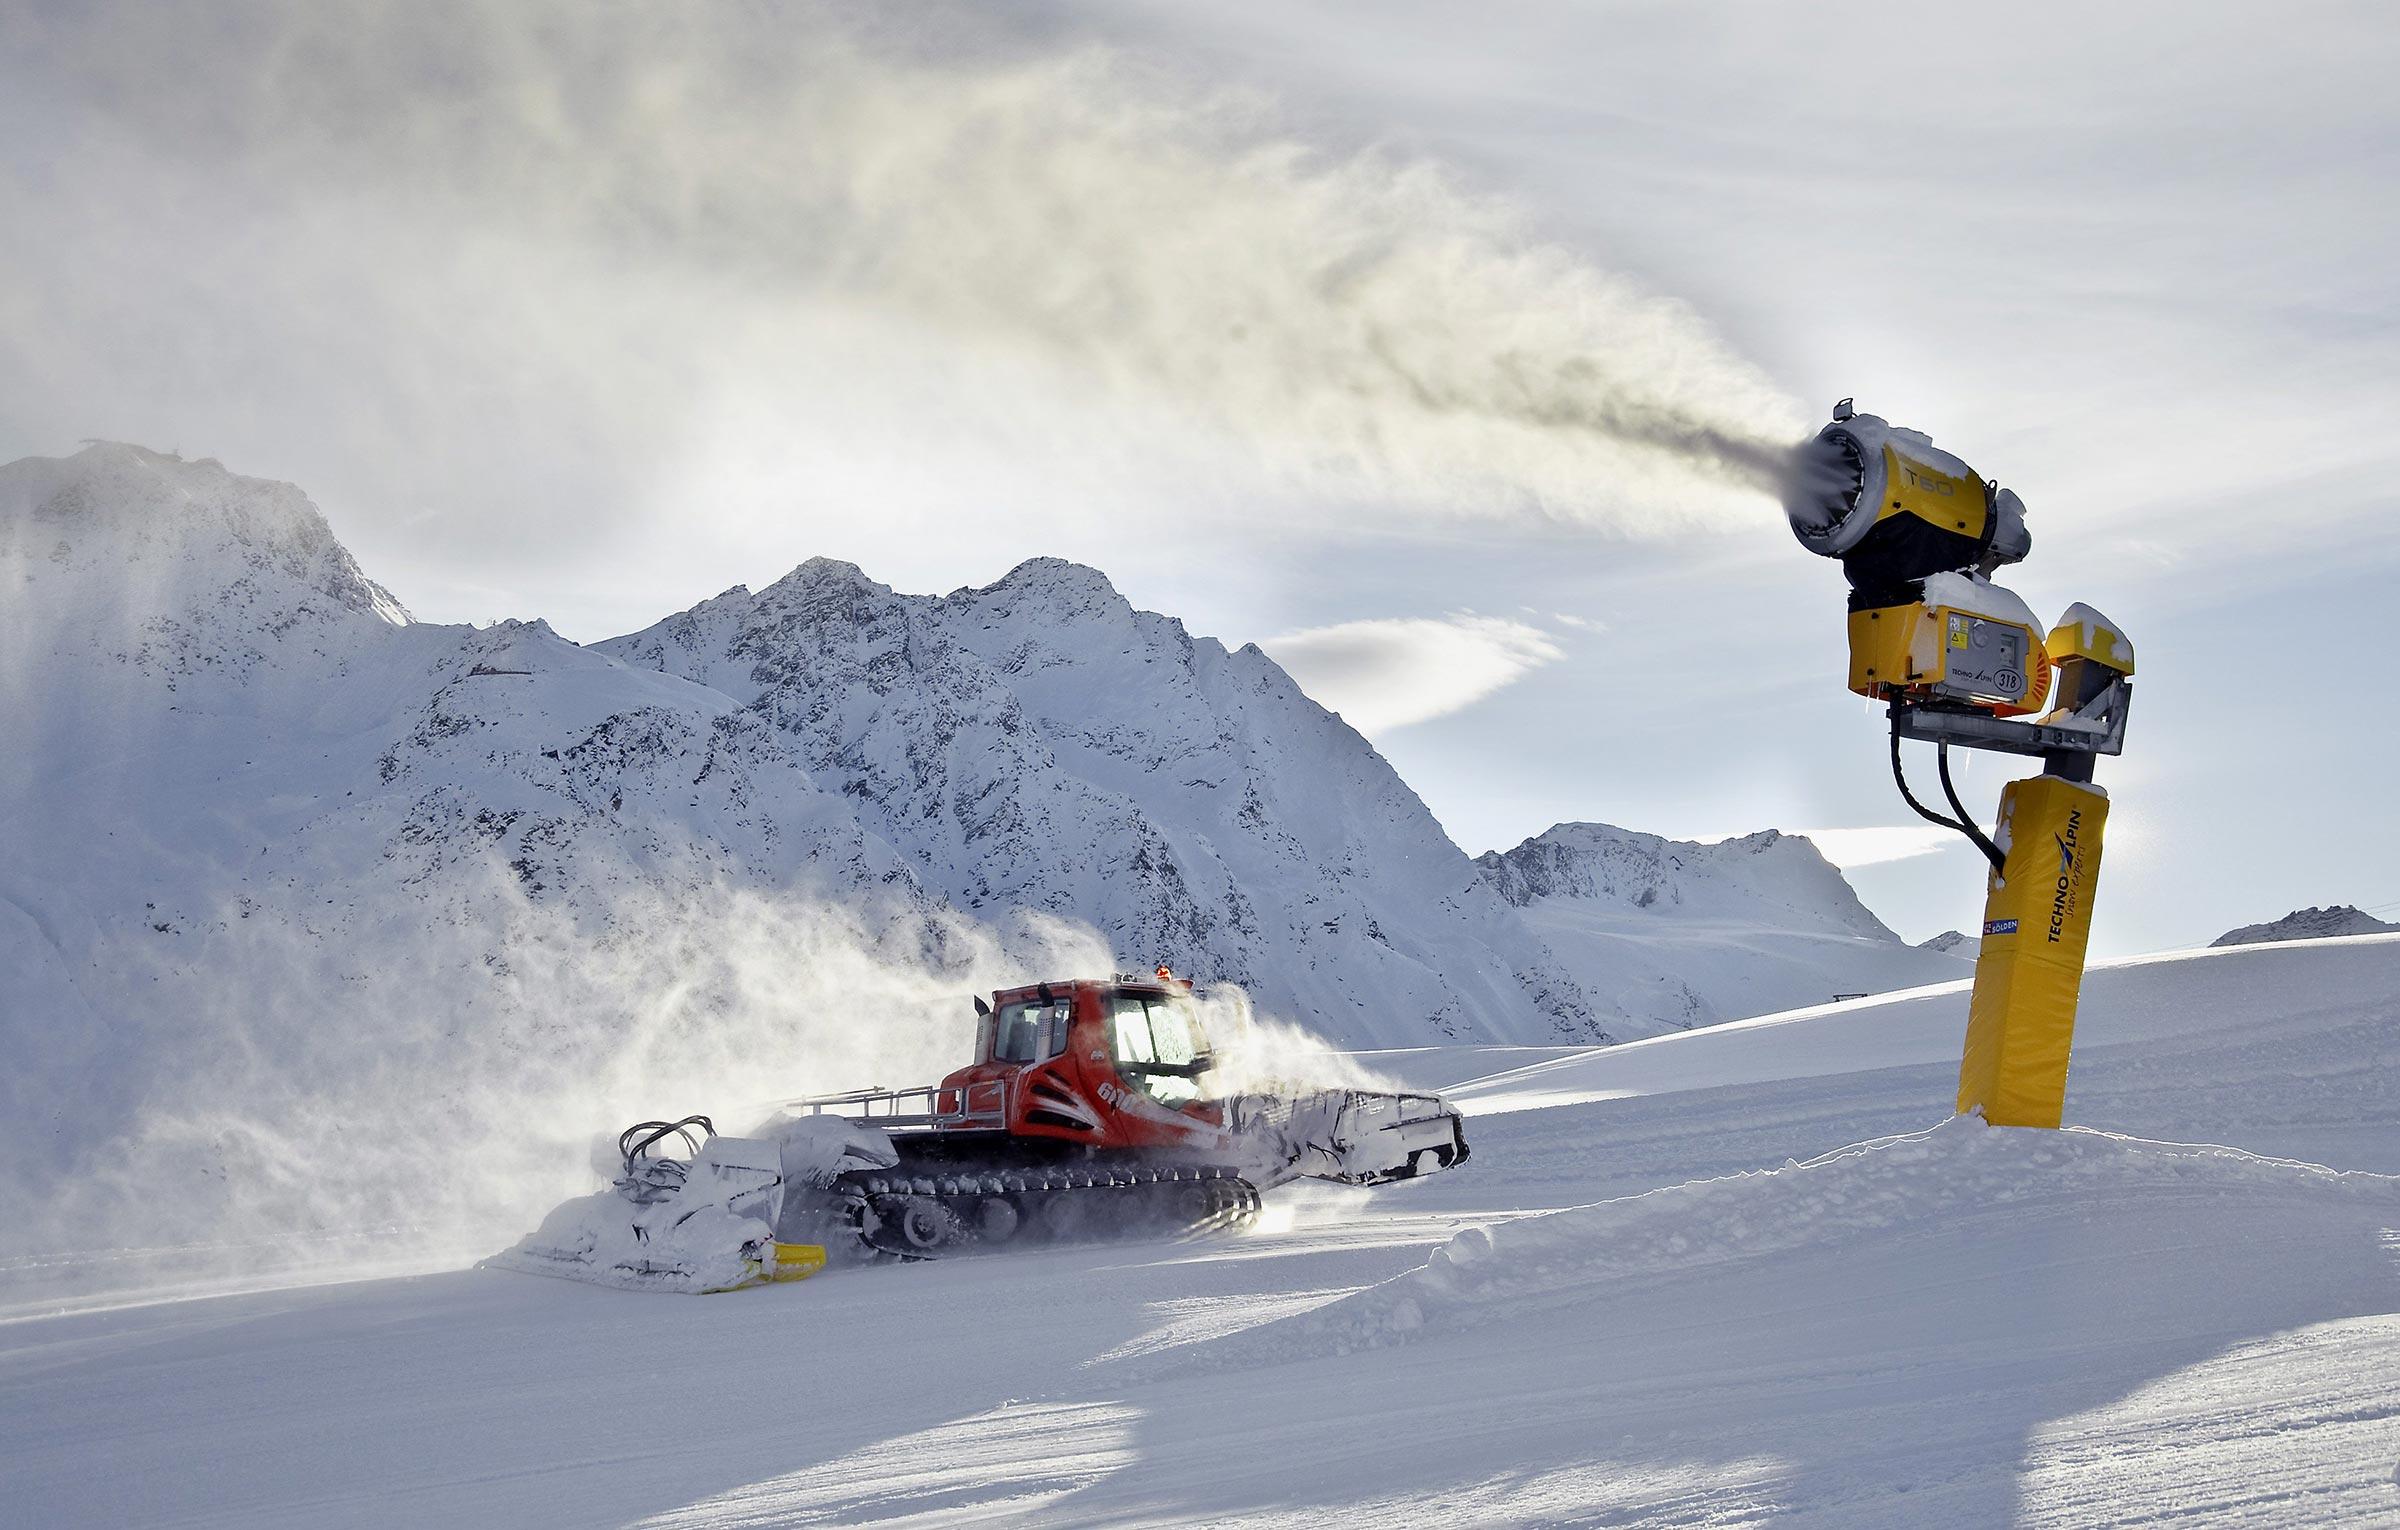 Pistenfahrzeug und Schneekanone - Skigebiet Sölden